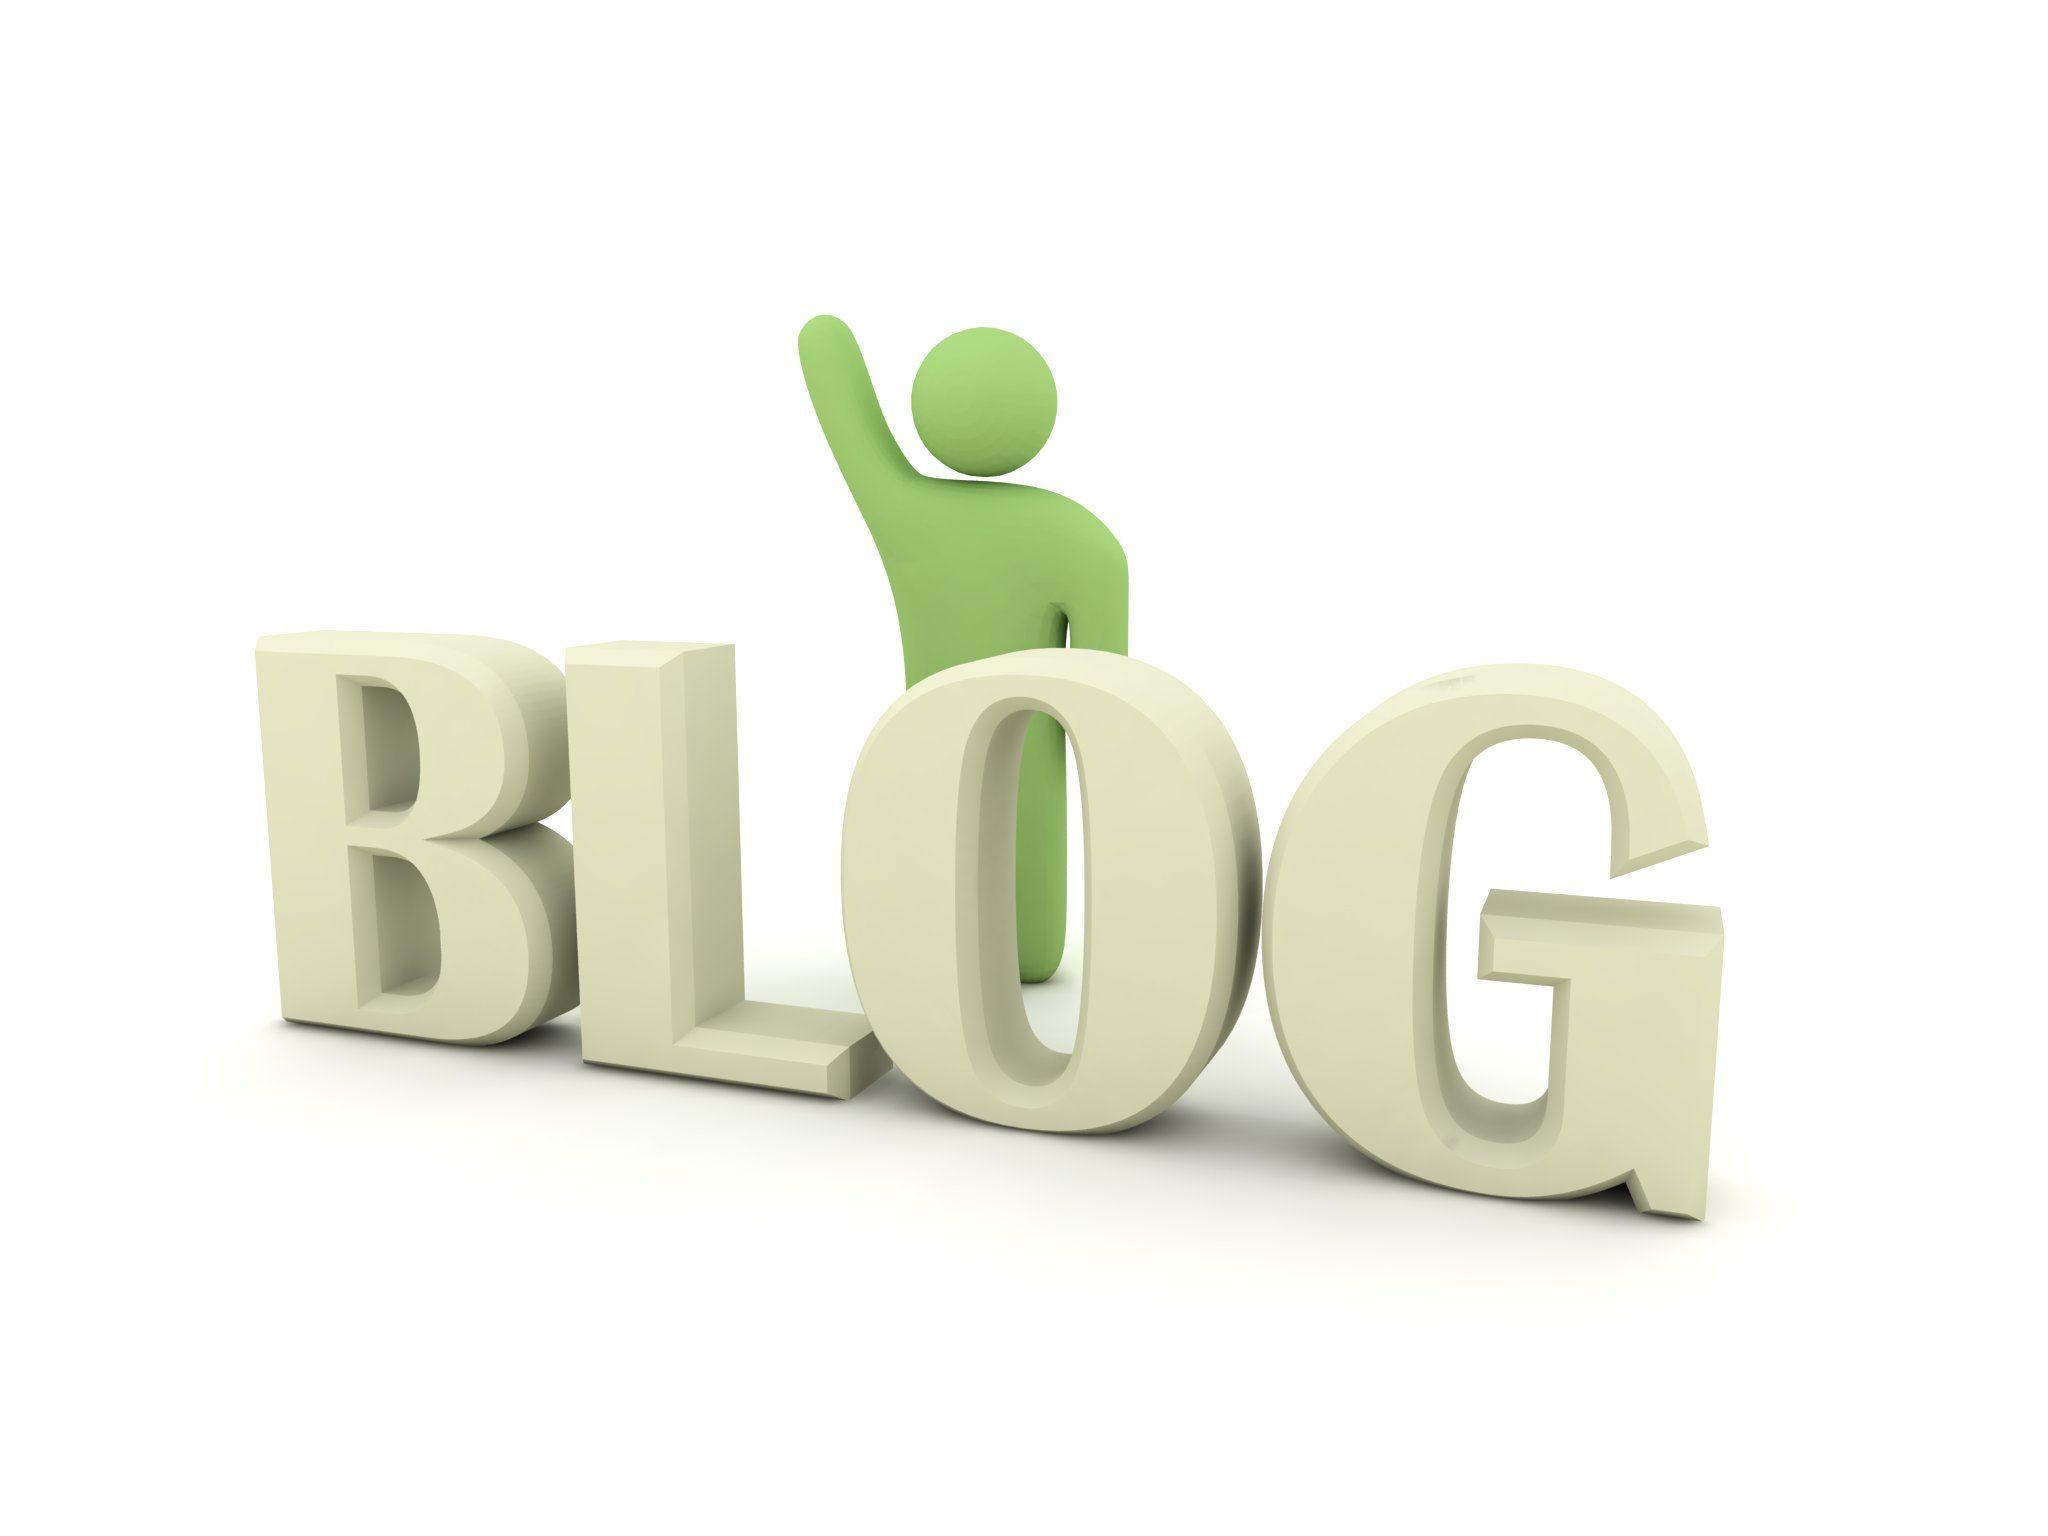 Blogs in PR